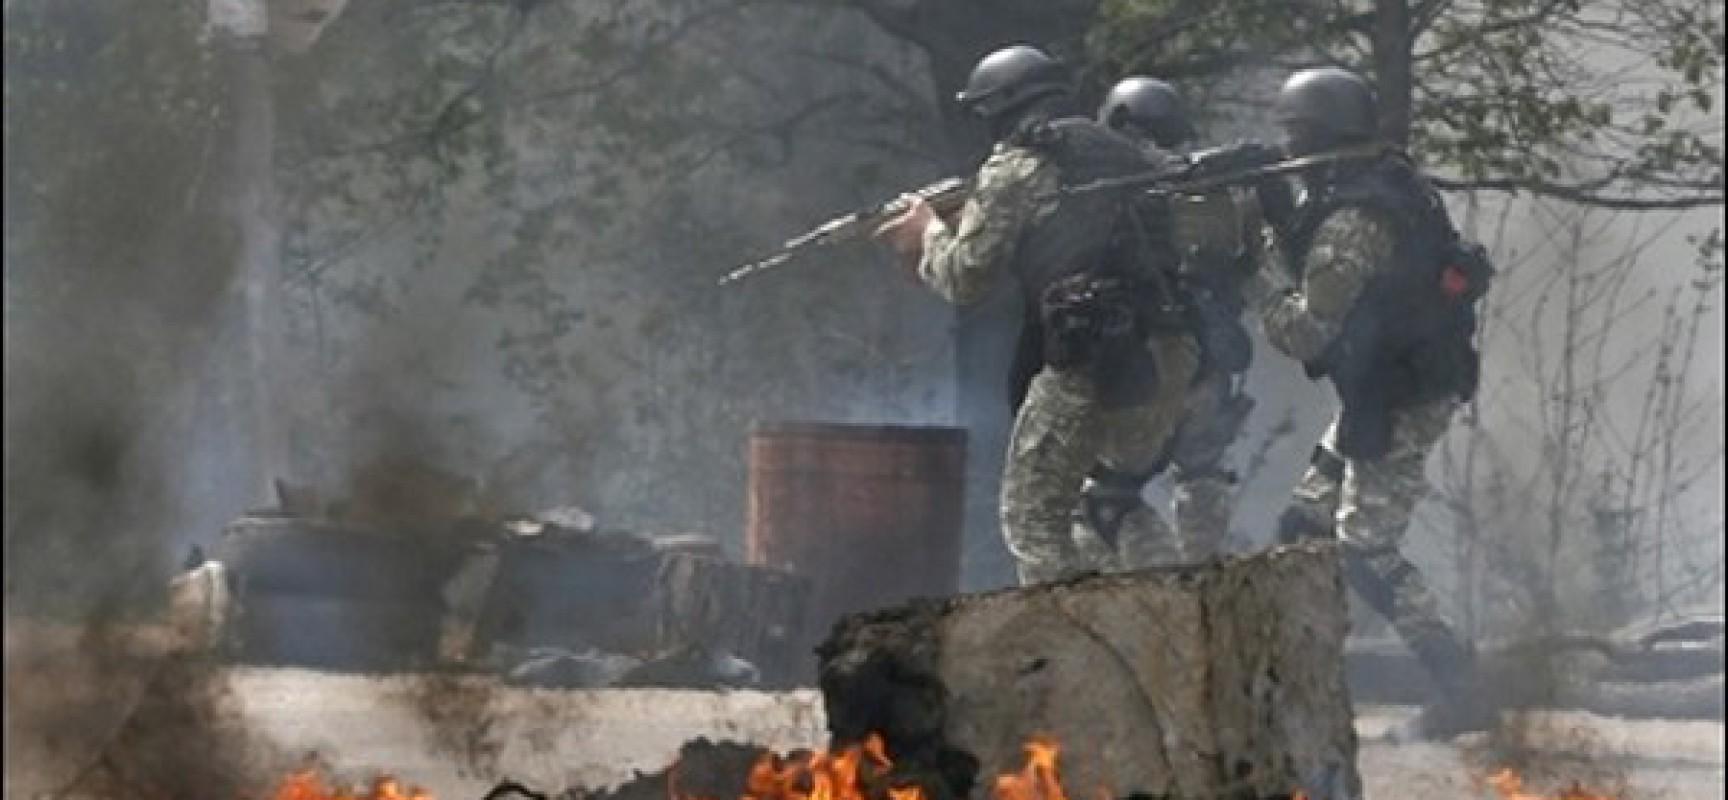 Affrontements en Ukraine : Ce qui est caché par les médias et les partis politiques pro-européens - Page 16 Ukraine_combat-1728x800_c